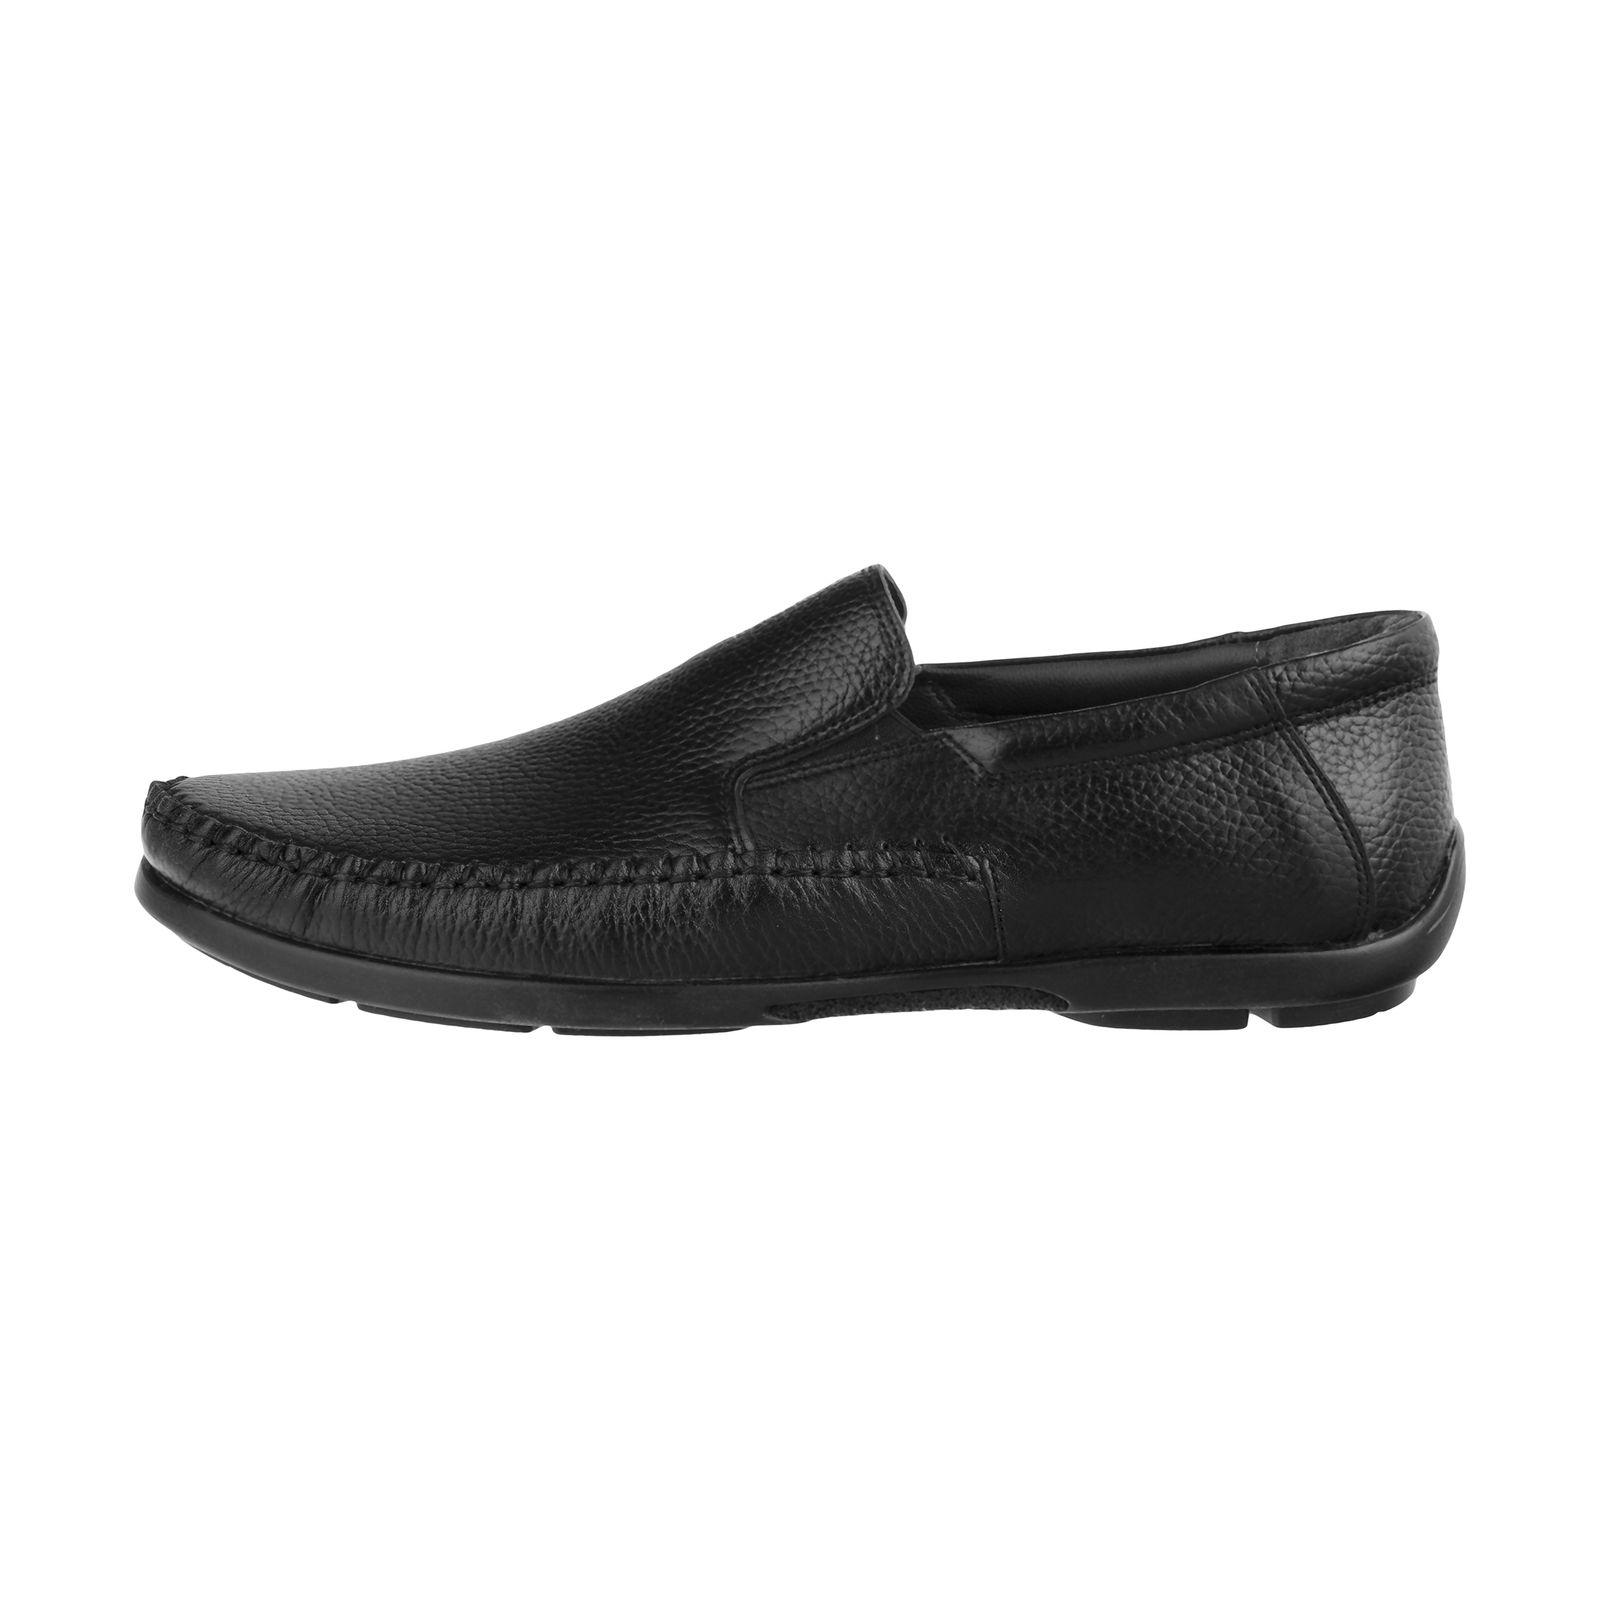 کفش روزمره مردانه سوته مدل 5000B503101 -  - 2